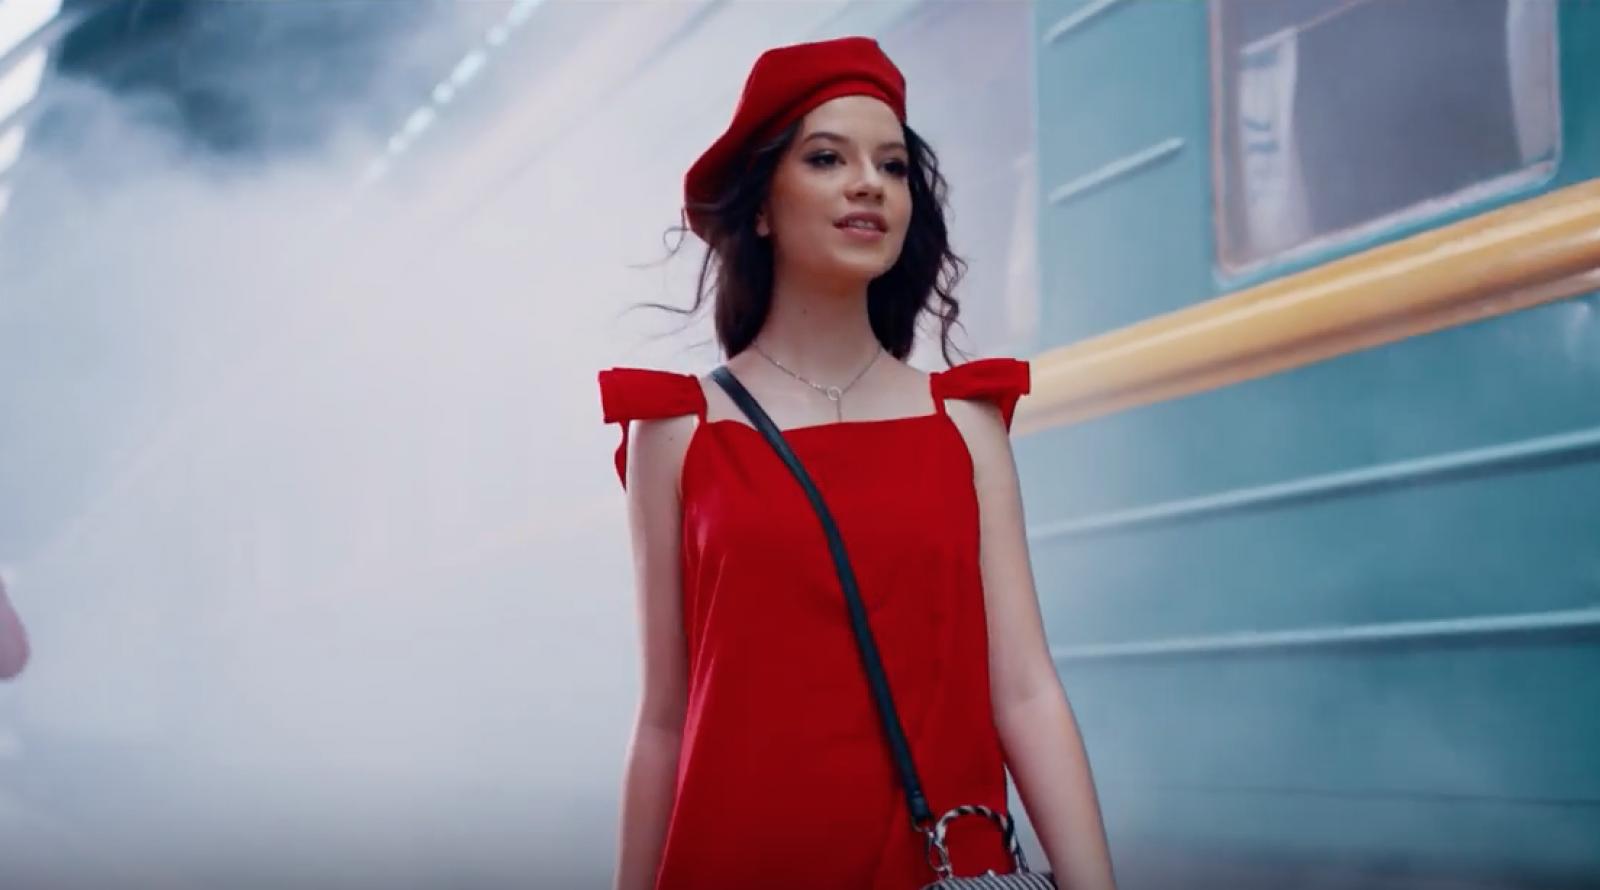 Cleopatra Stratan pregătește un nou single. Află detalii